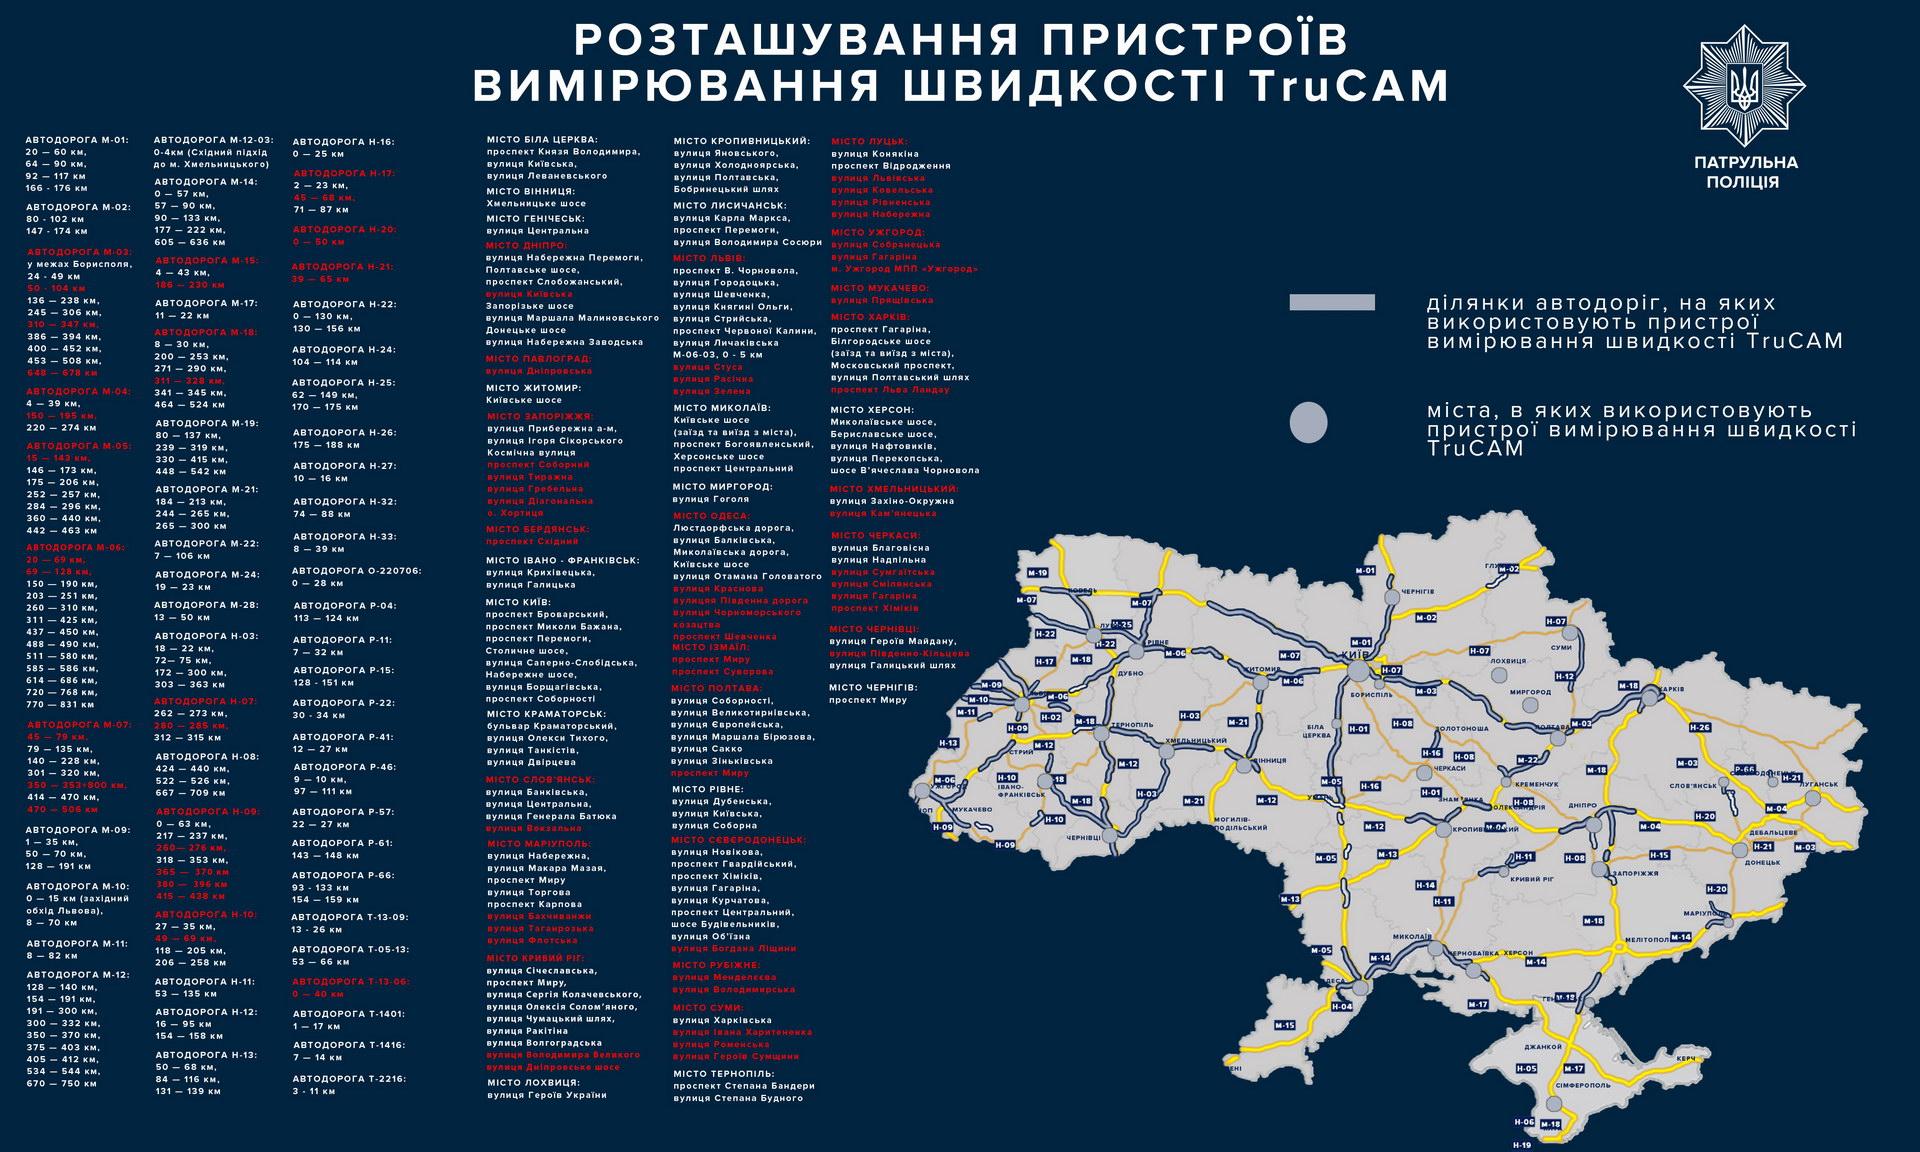 TruCam map